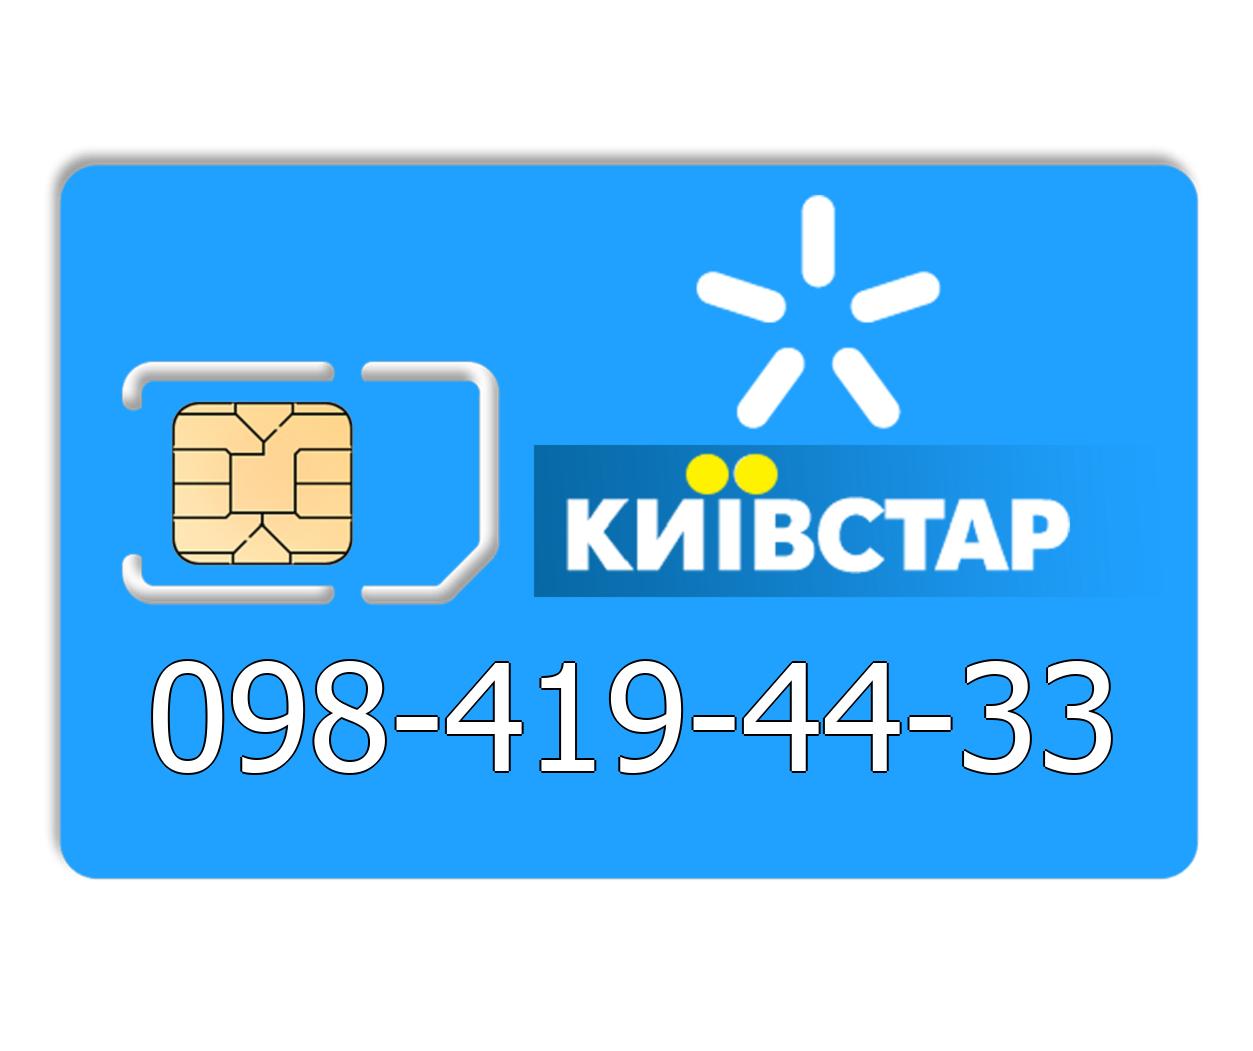 Красивый номер Киевстар 098-419-44-33